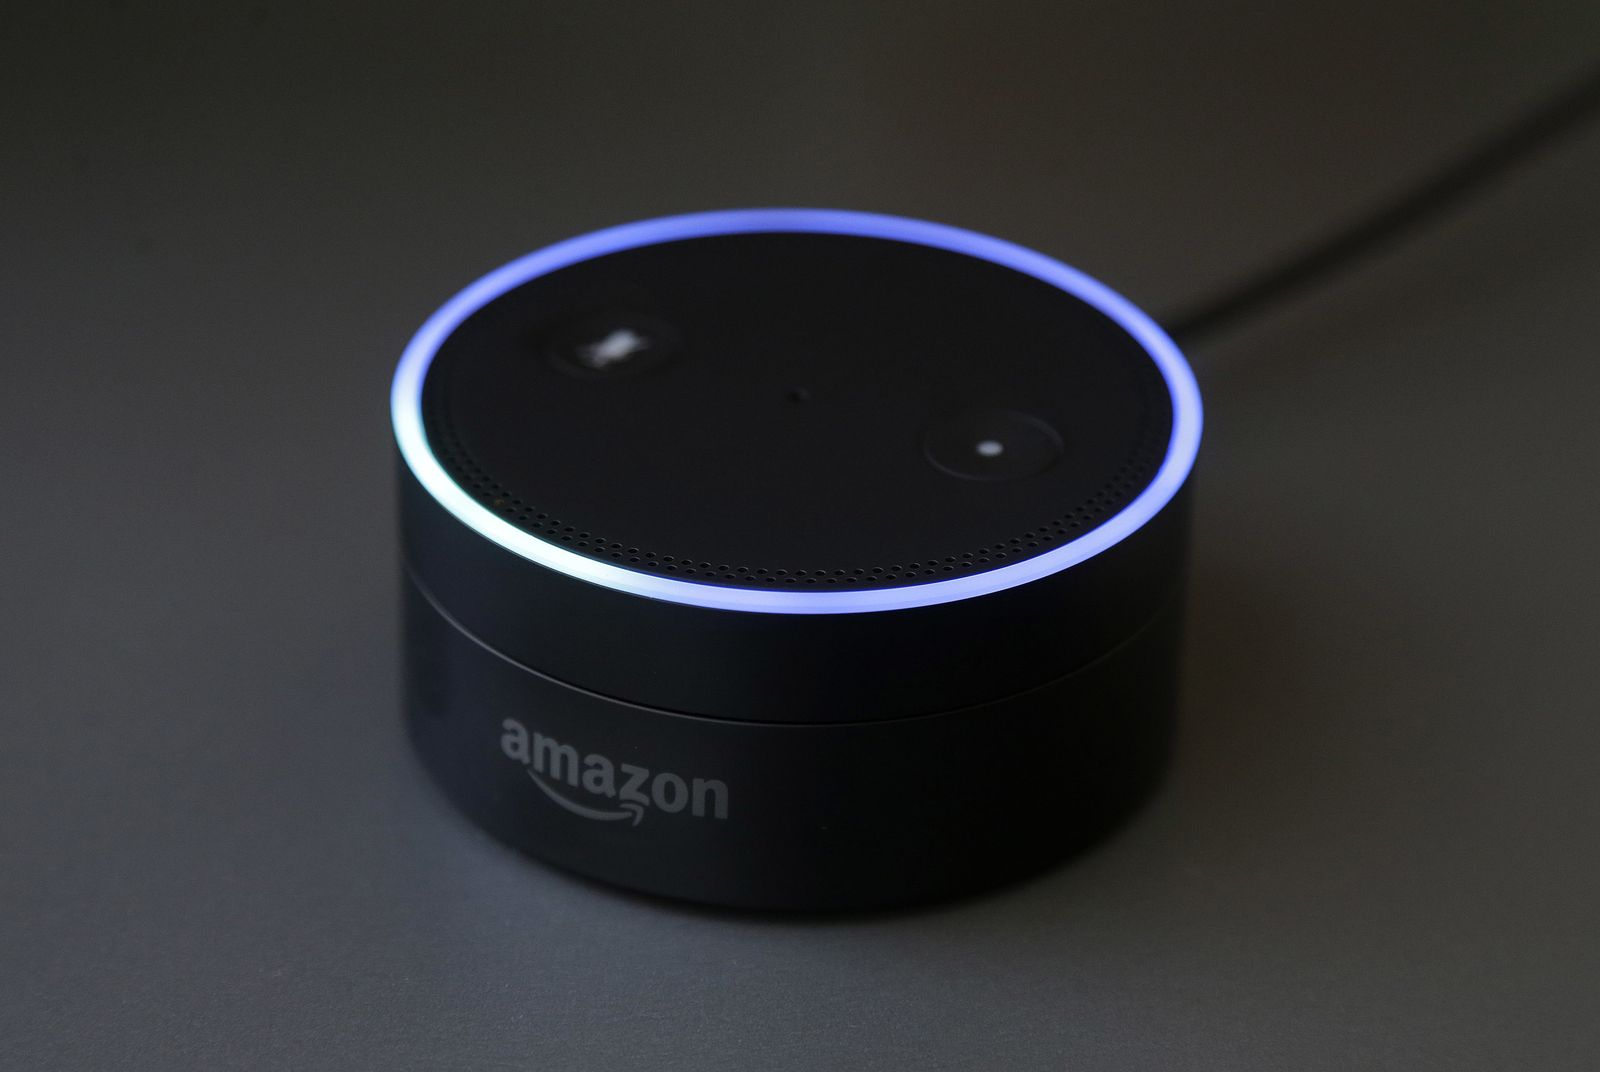 Amazon / Echo